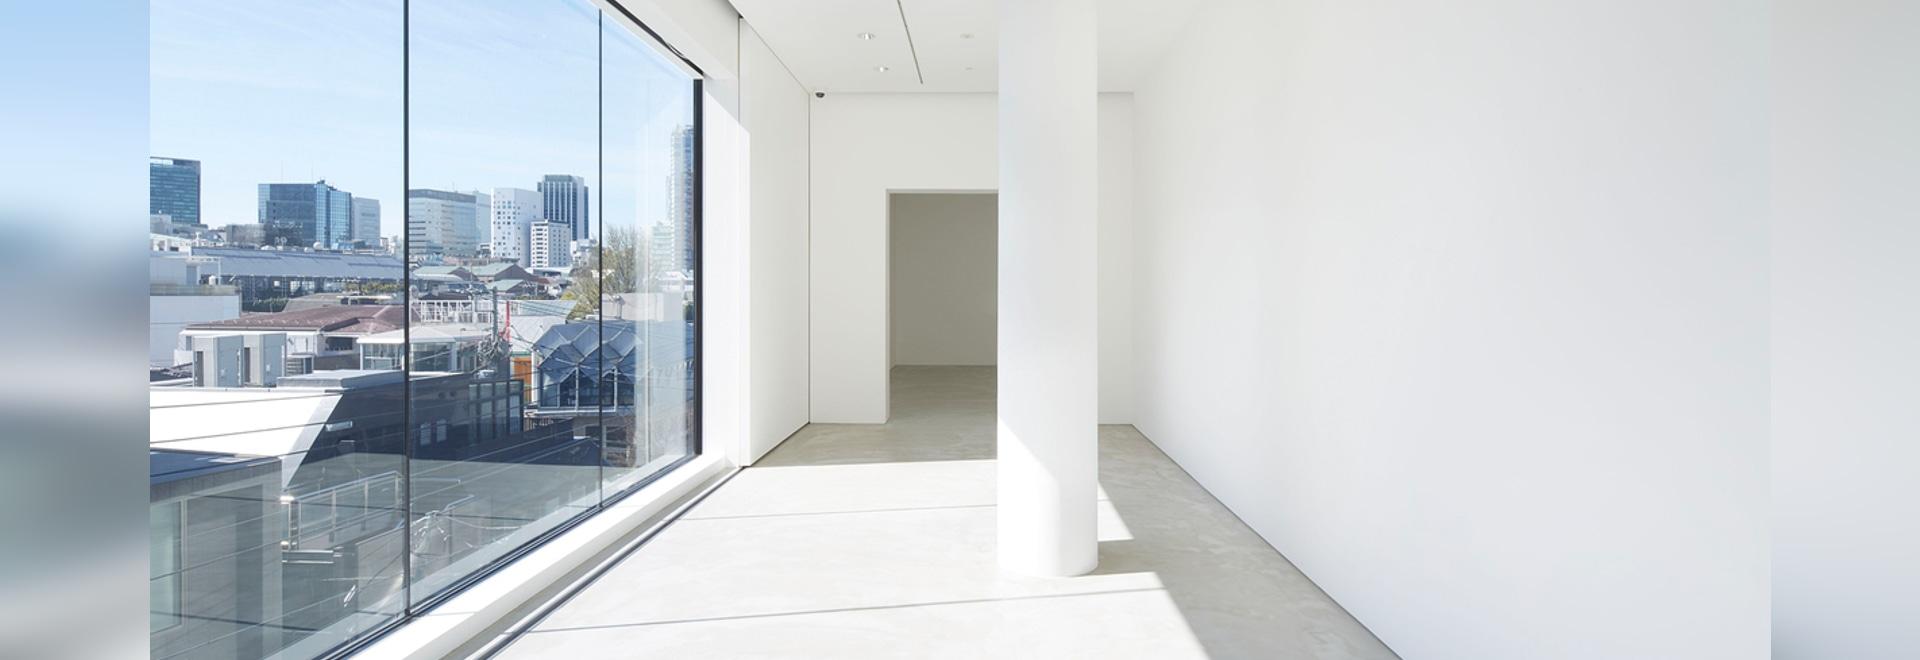 Gyre Gallery